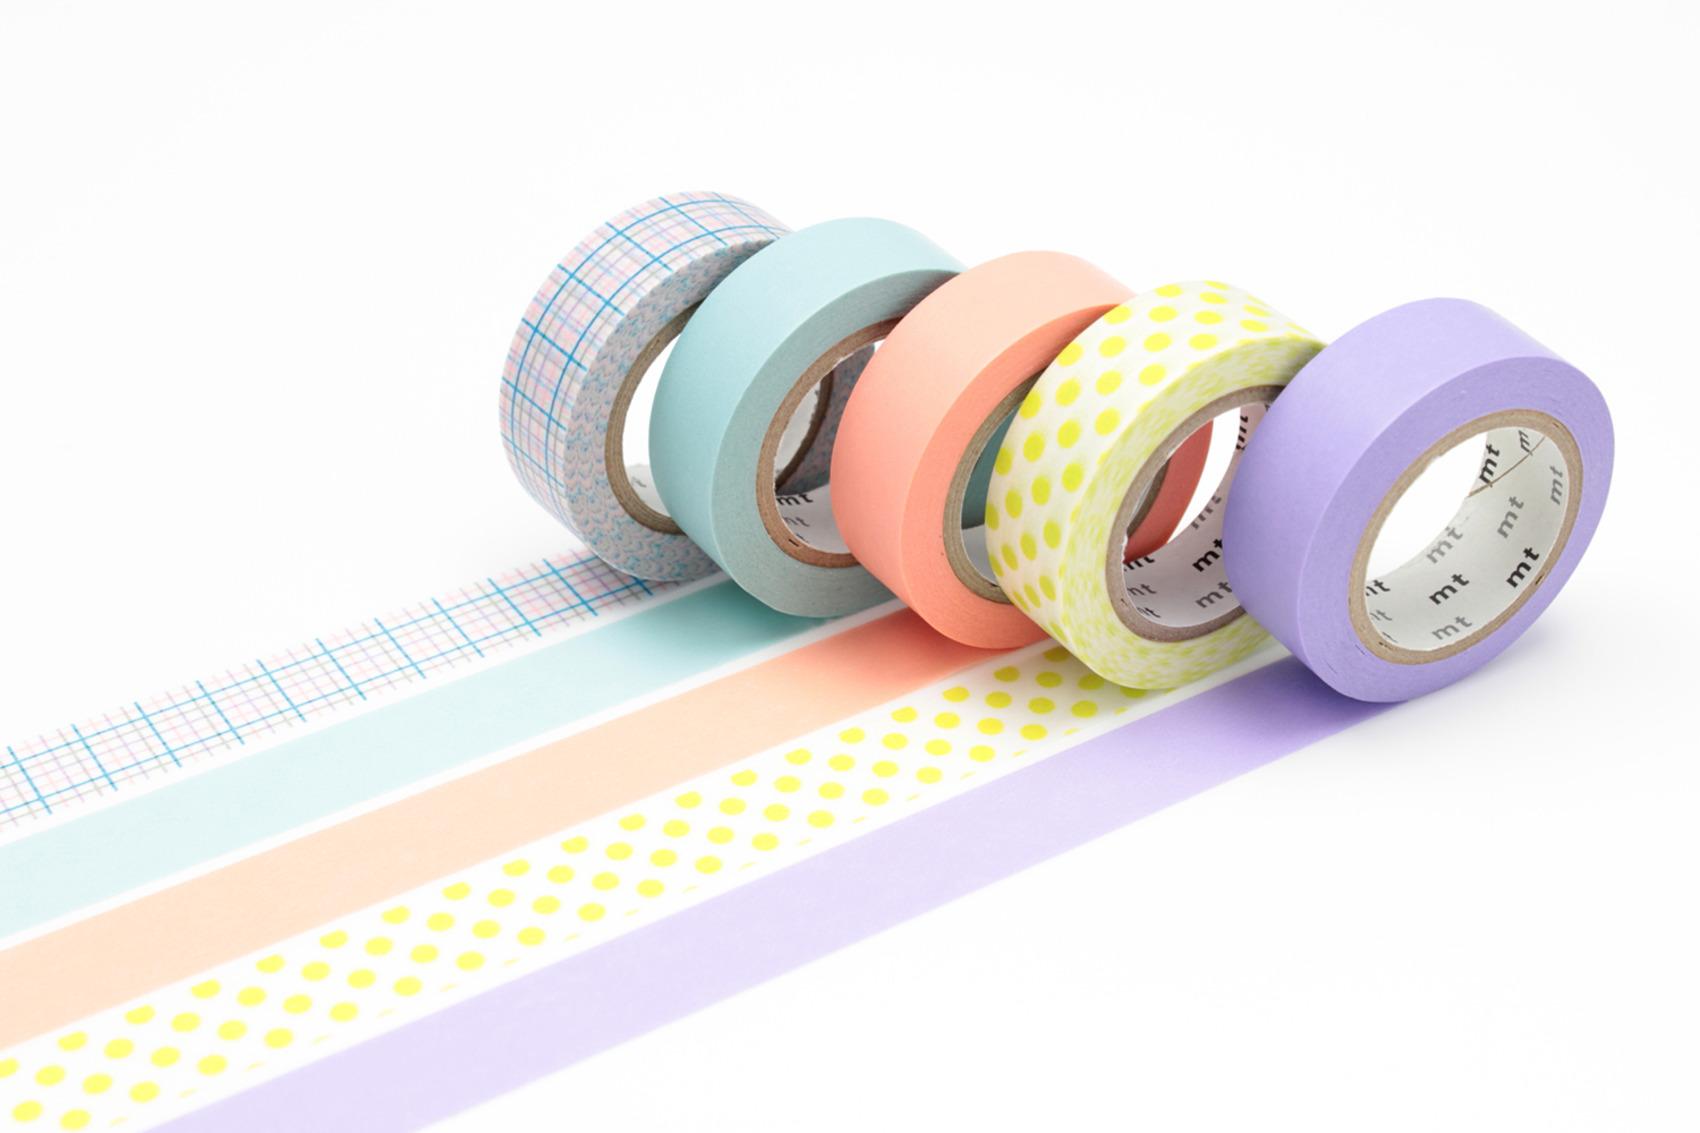 mt_washi_masking_tape_Gift_Box_Pastel_MT05G003Z-1485357361.jpg